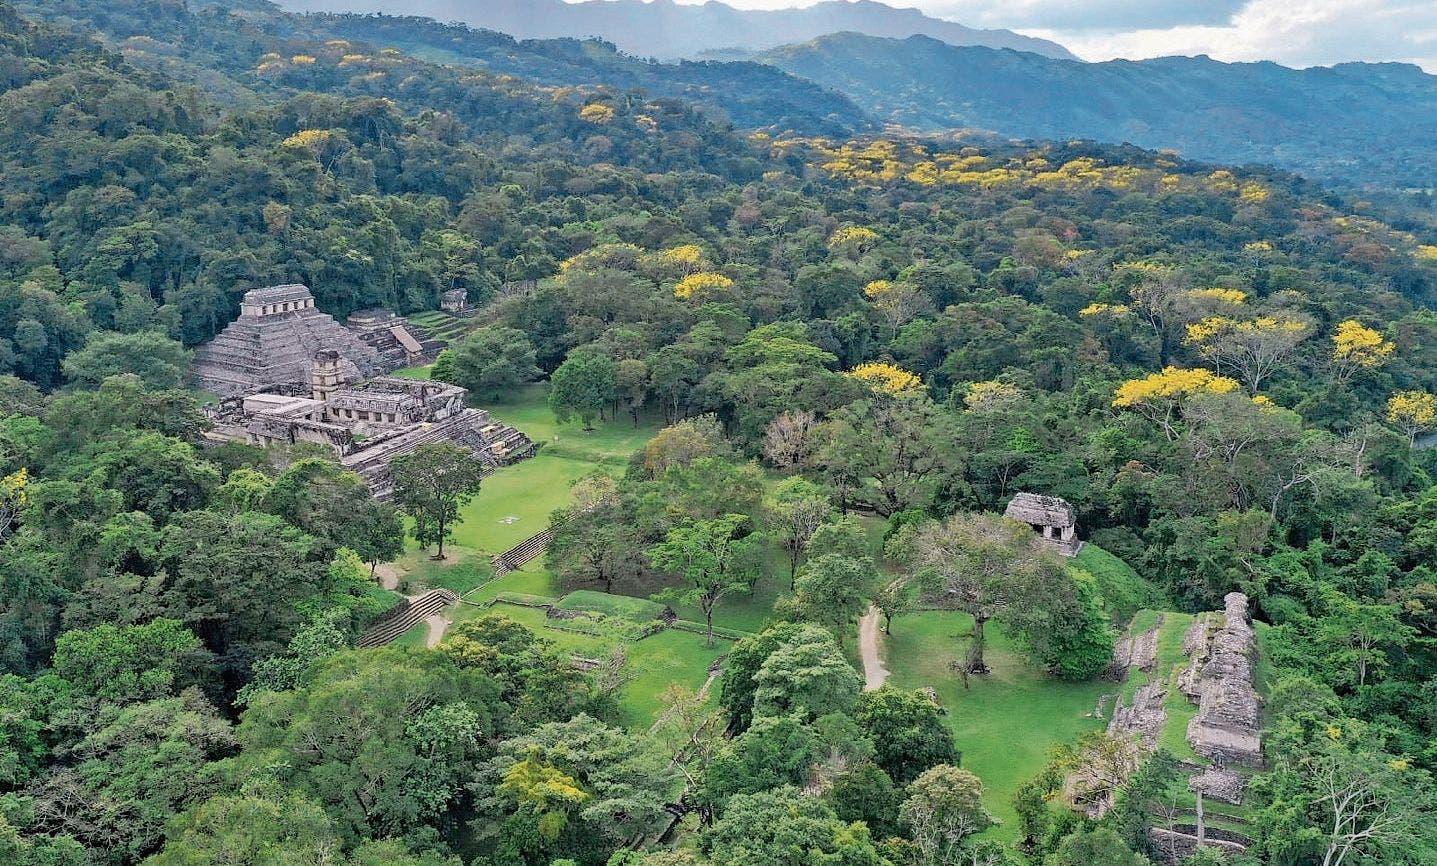 Die eindrückliche Maya-Stätte Palenque in Mexico.